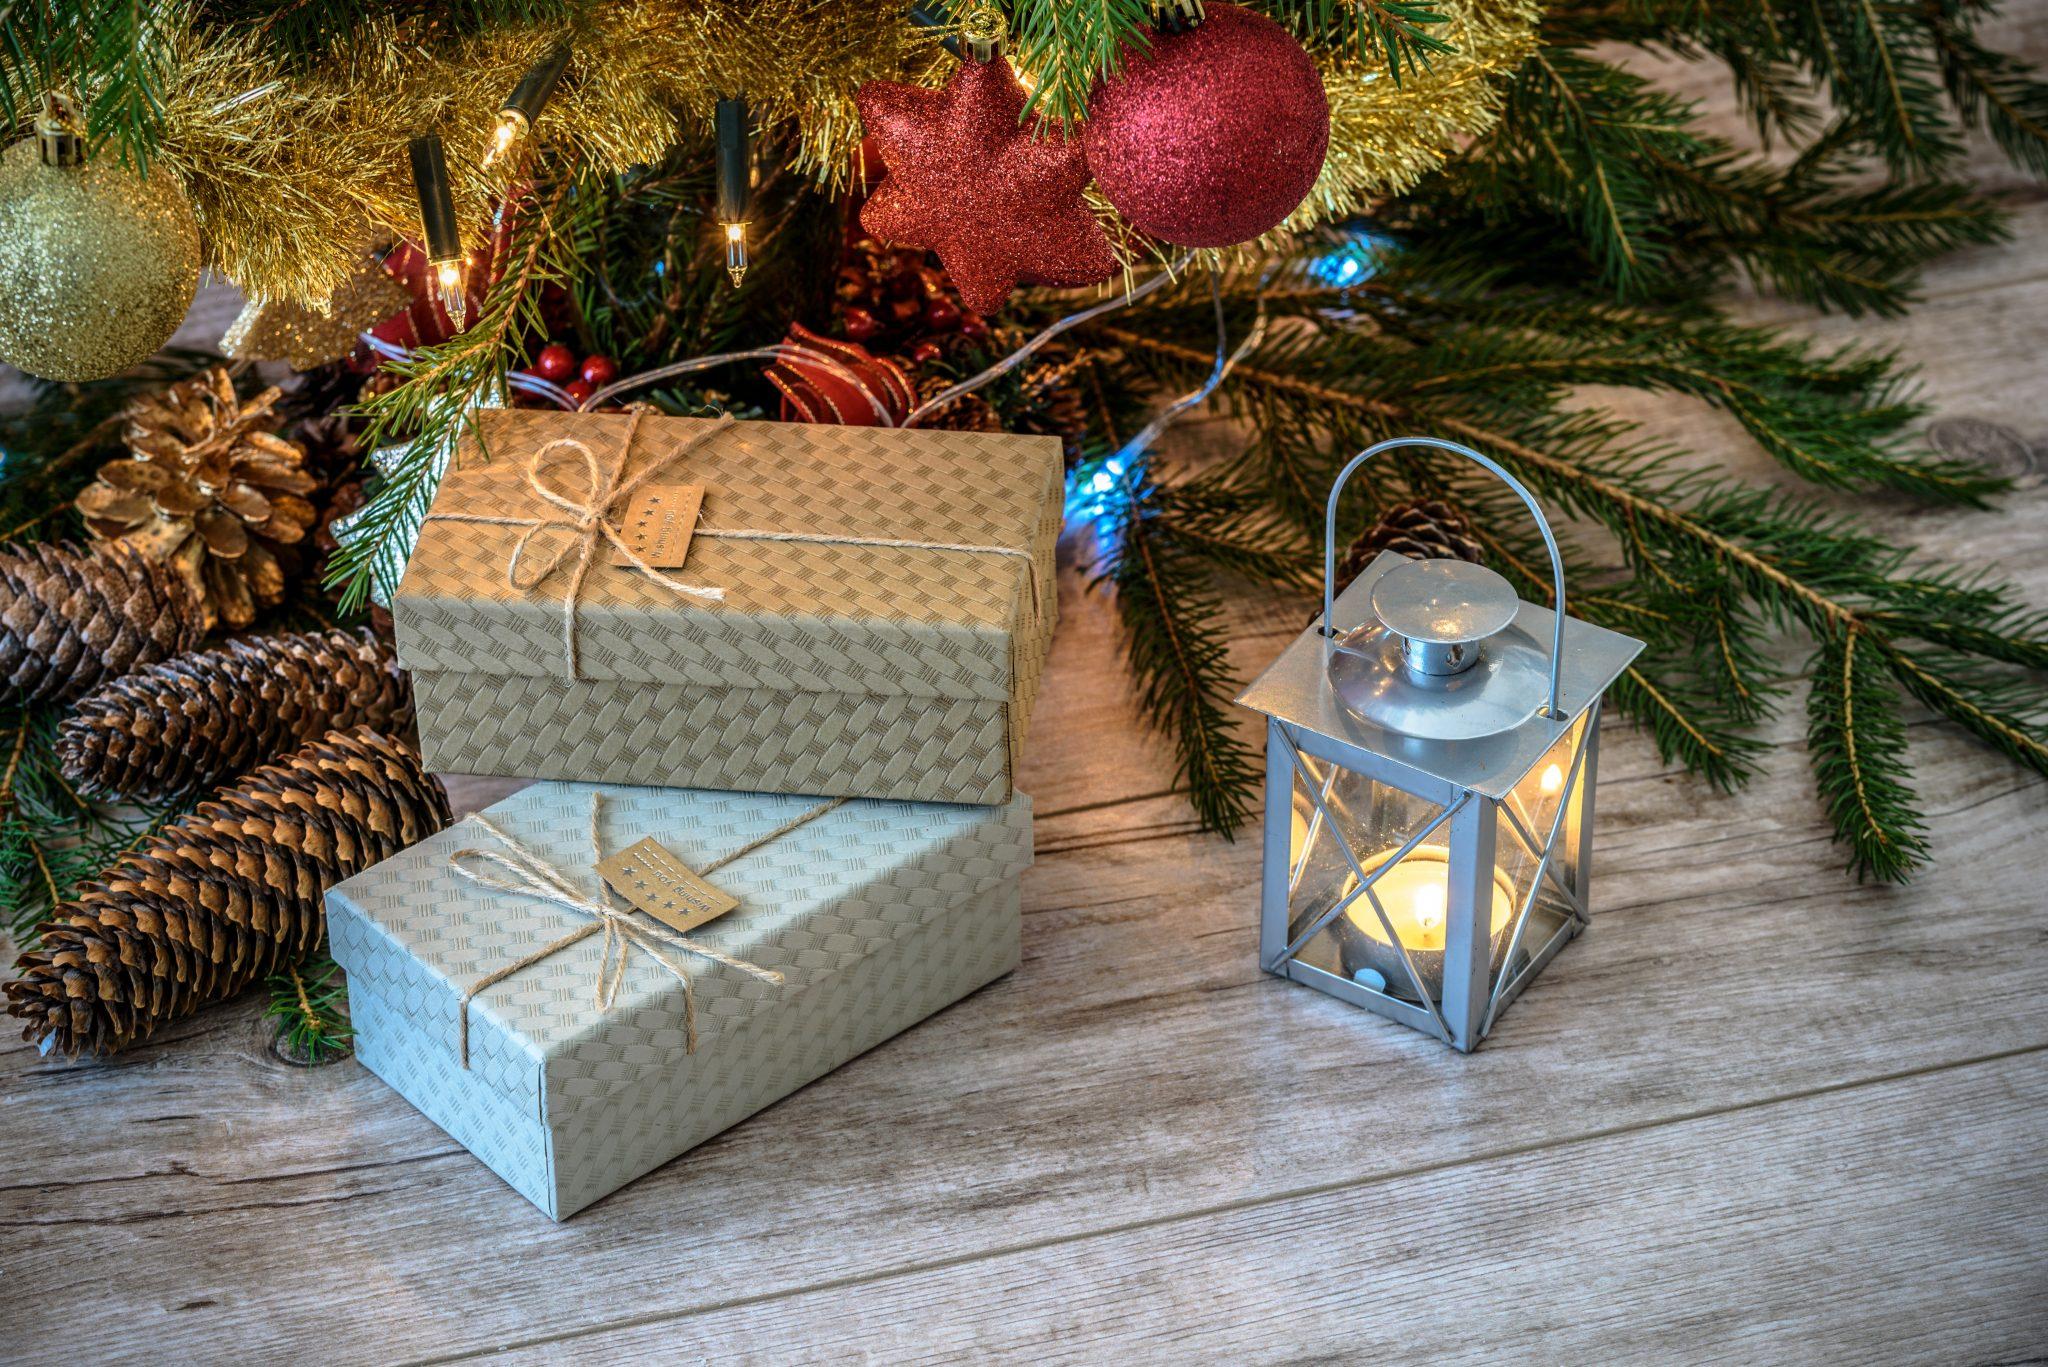 Pomysł na oryginalny prezent? Mamy taki!